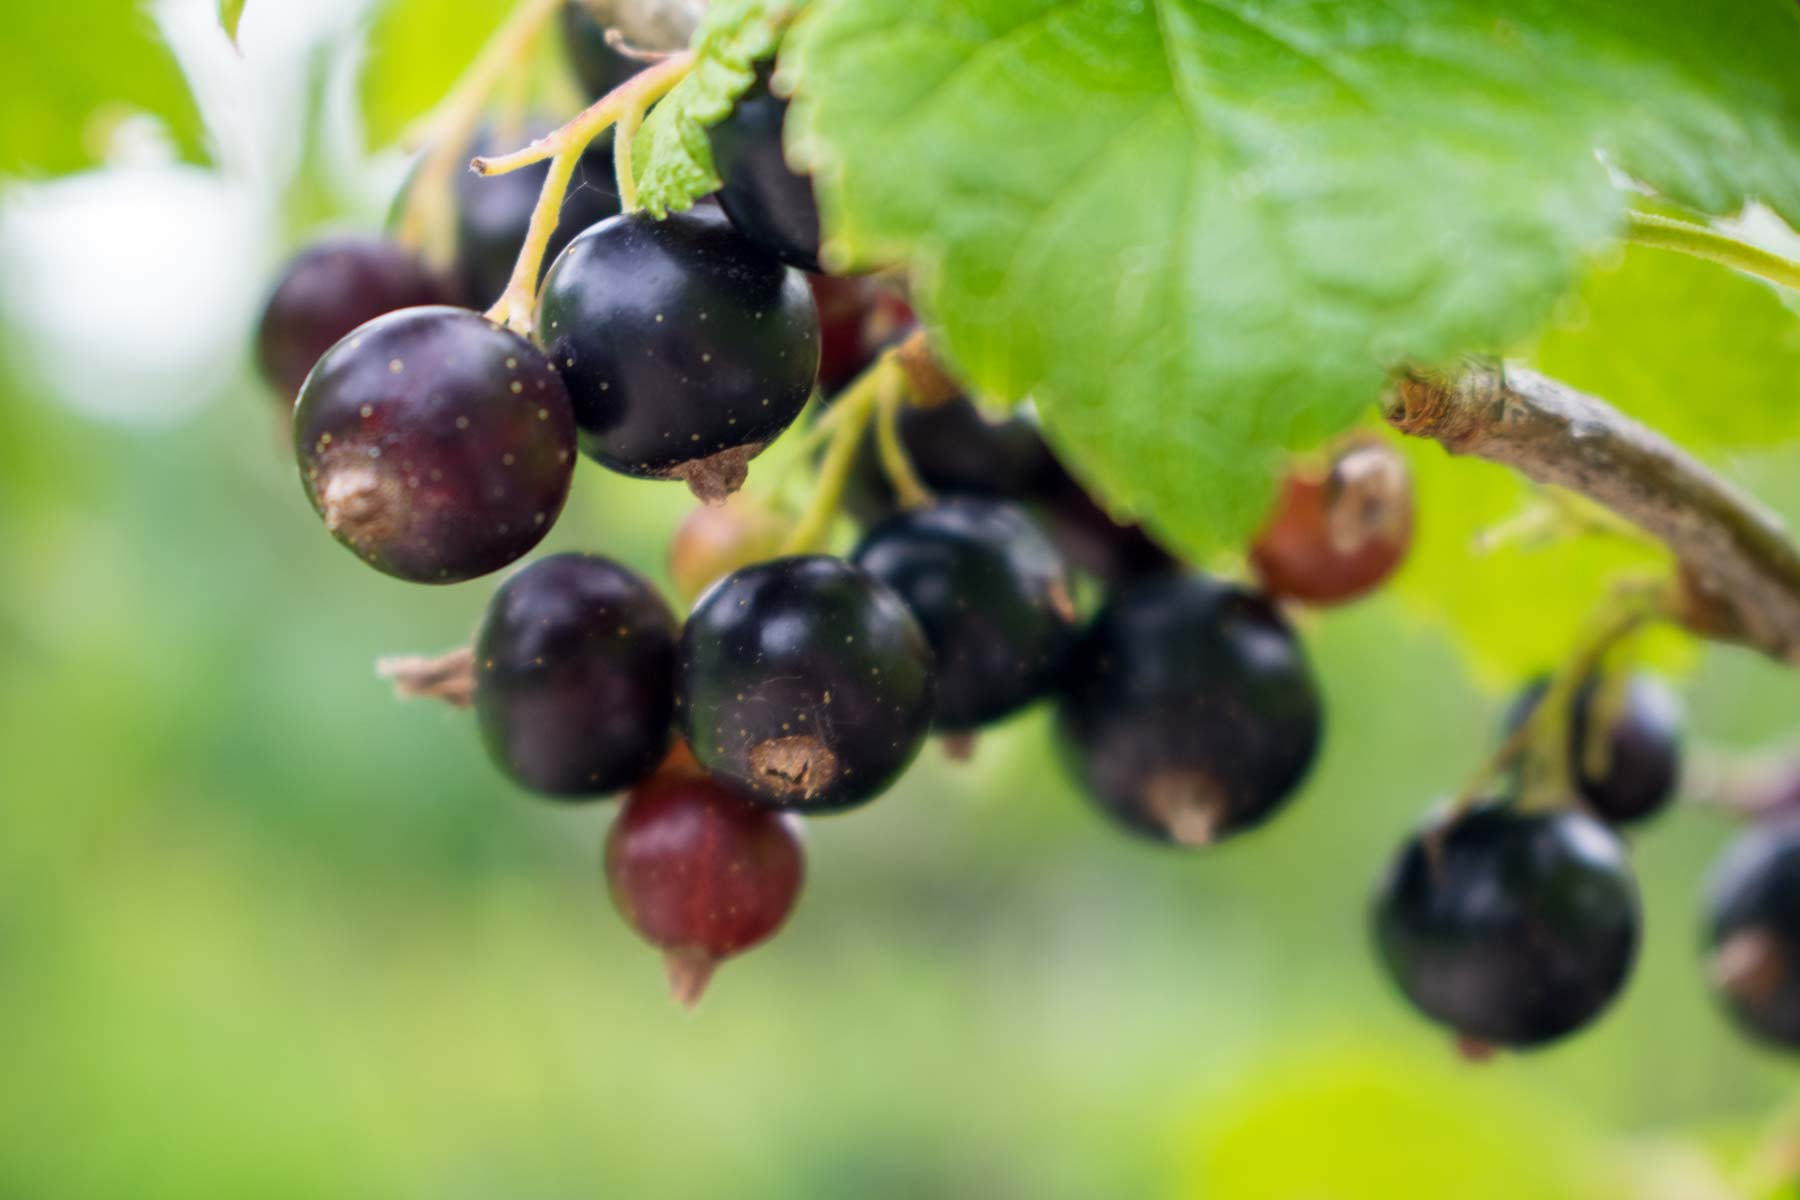 Johannisbeeren Wissenswertes über Das Gesunde Beerenobst